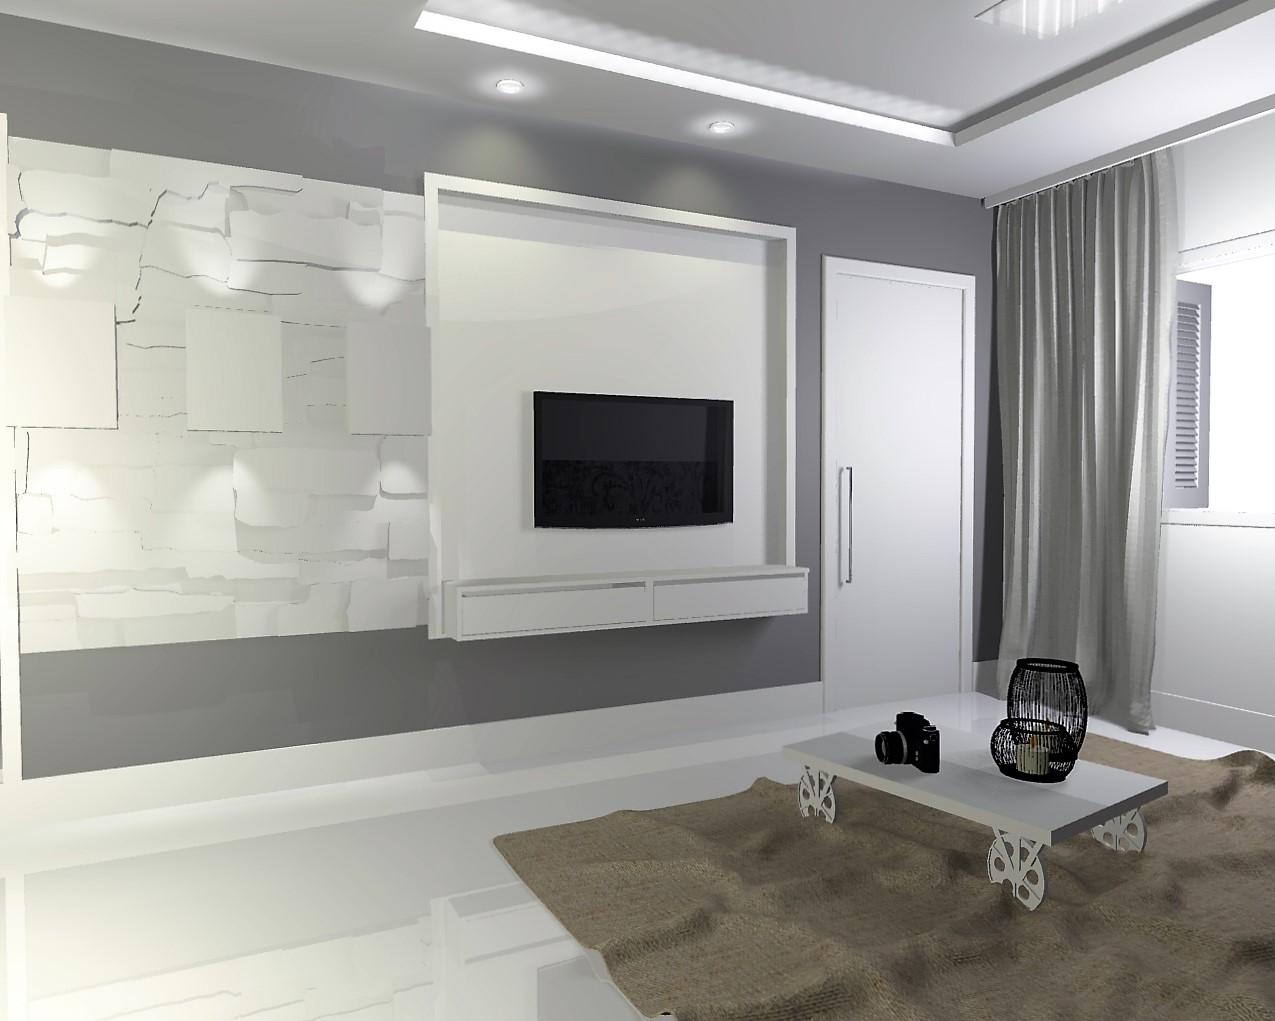 #595144 de estar pequena decoração de sala de jantar moveis para sala de  1275x1021 píxeis em Decoração Sala De Estar Rack